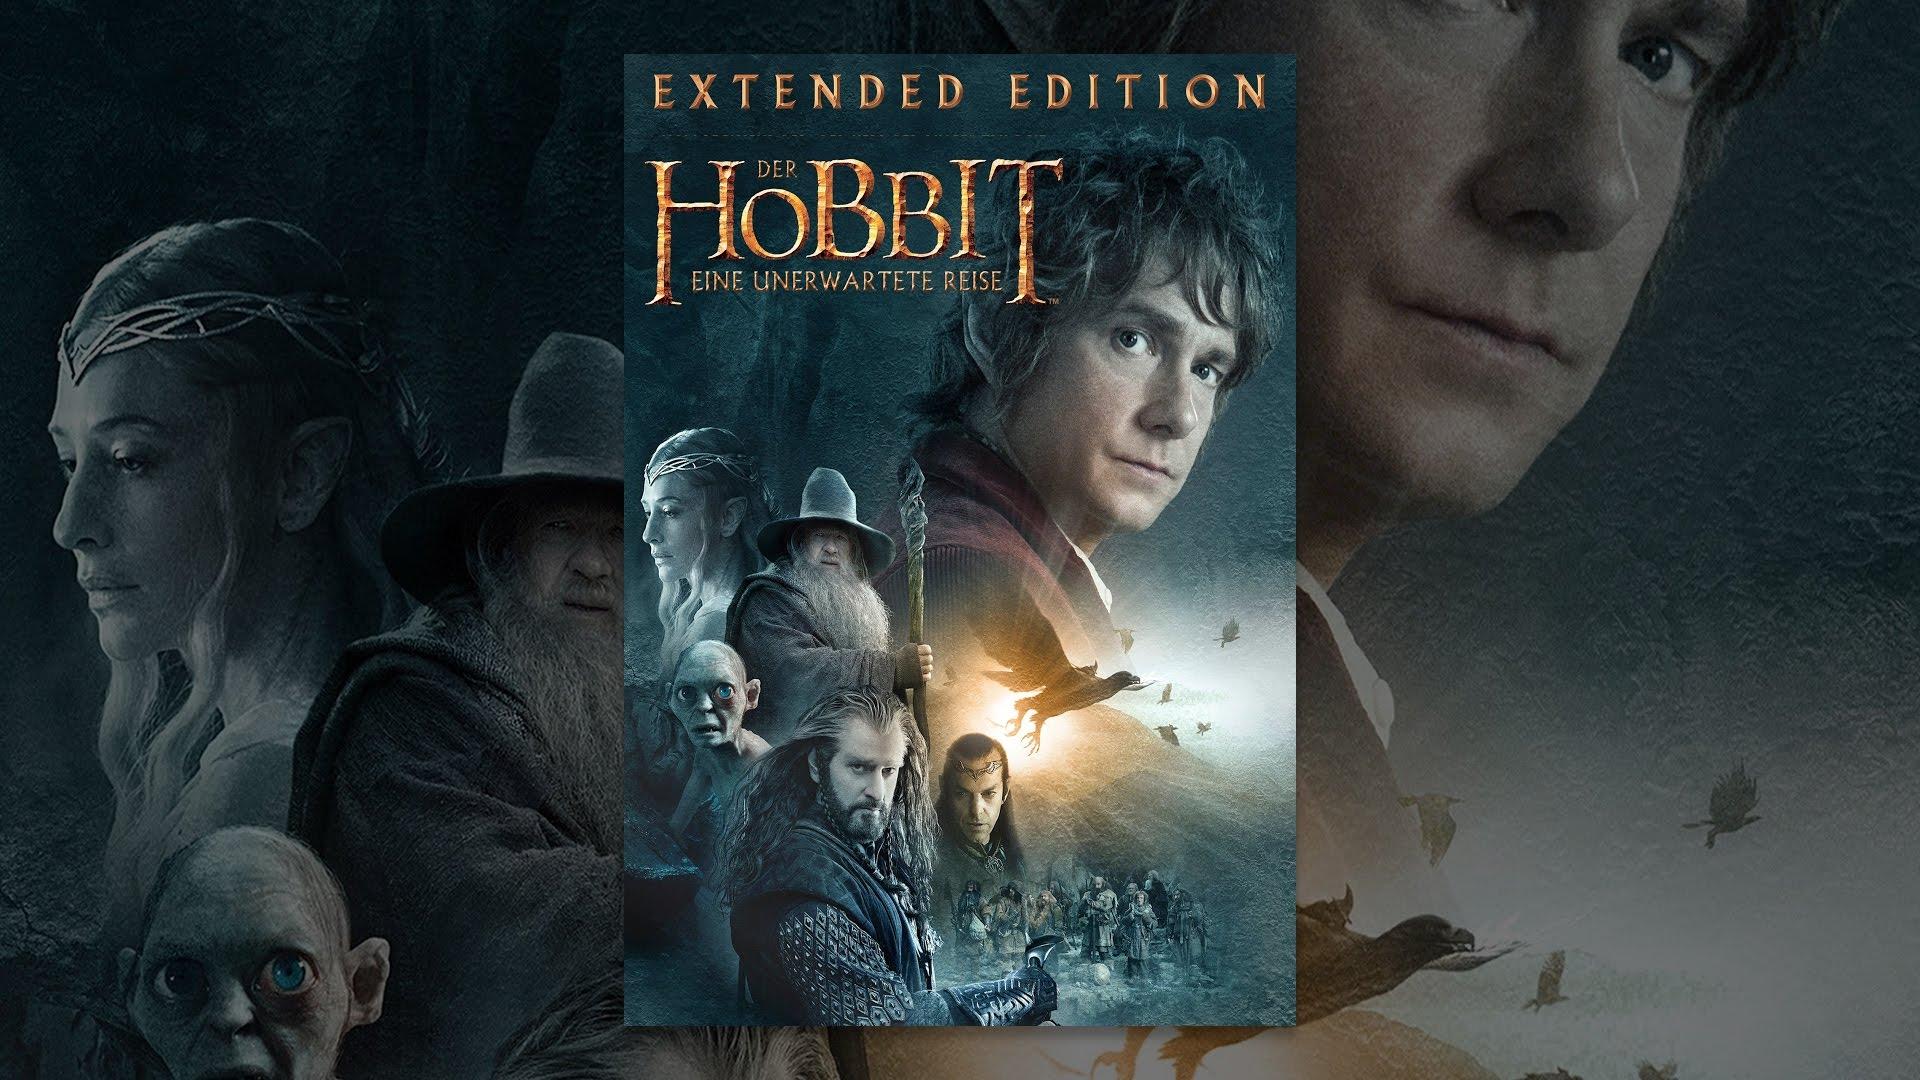 Der Hobbit Eine Unerwartete Reise Netflix